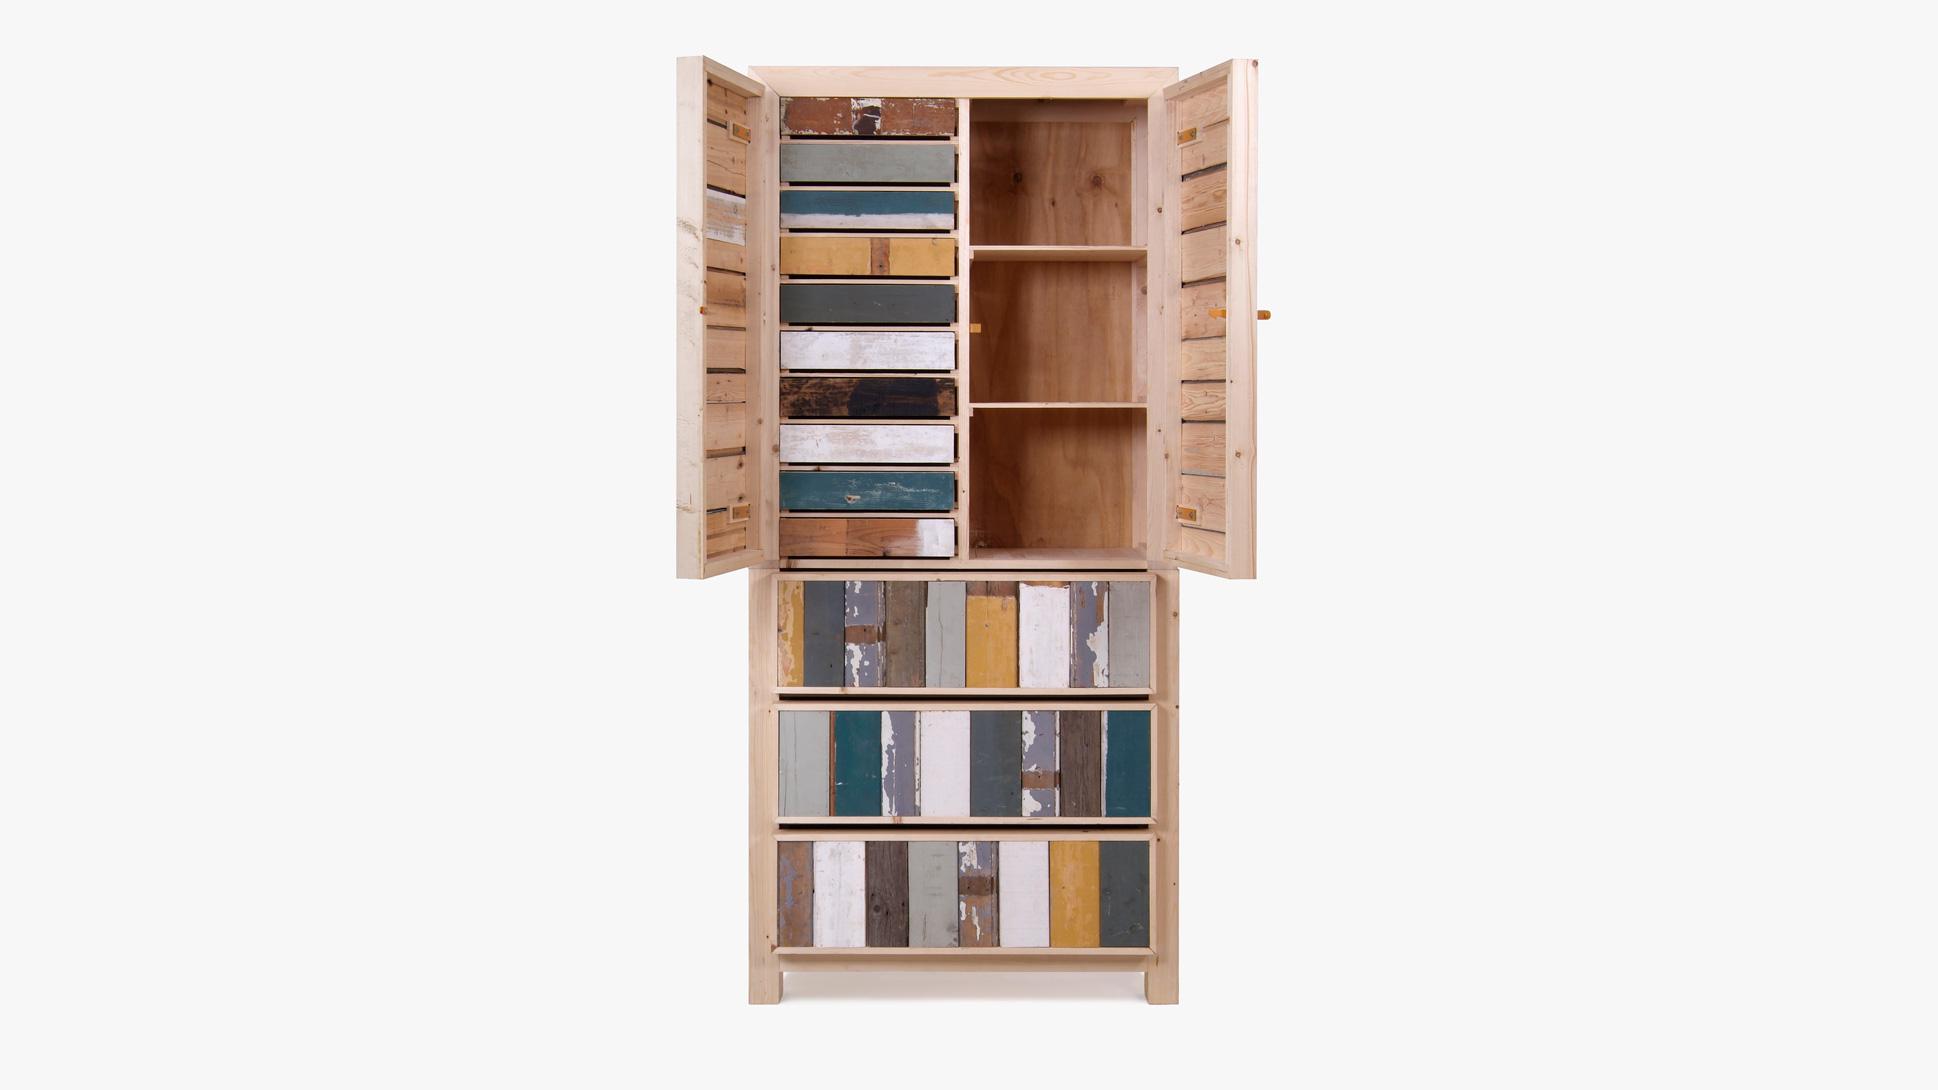 Scrapwood Furniture By Piet Hein Eek